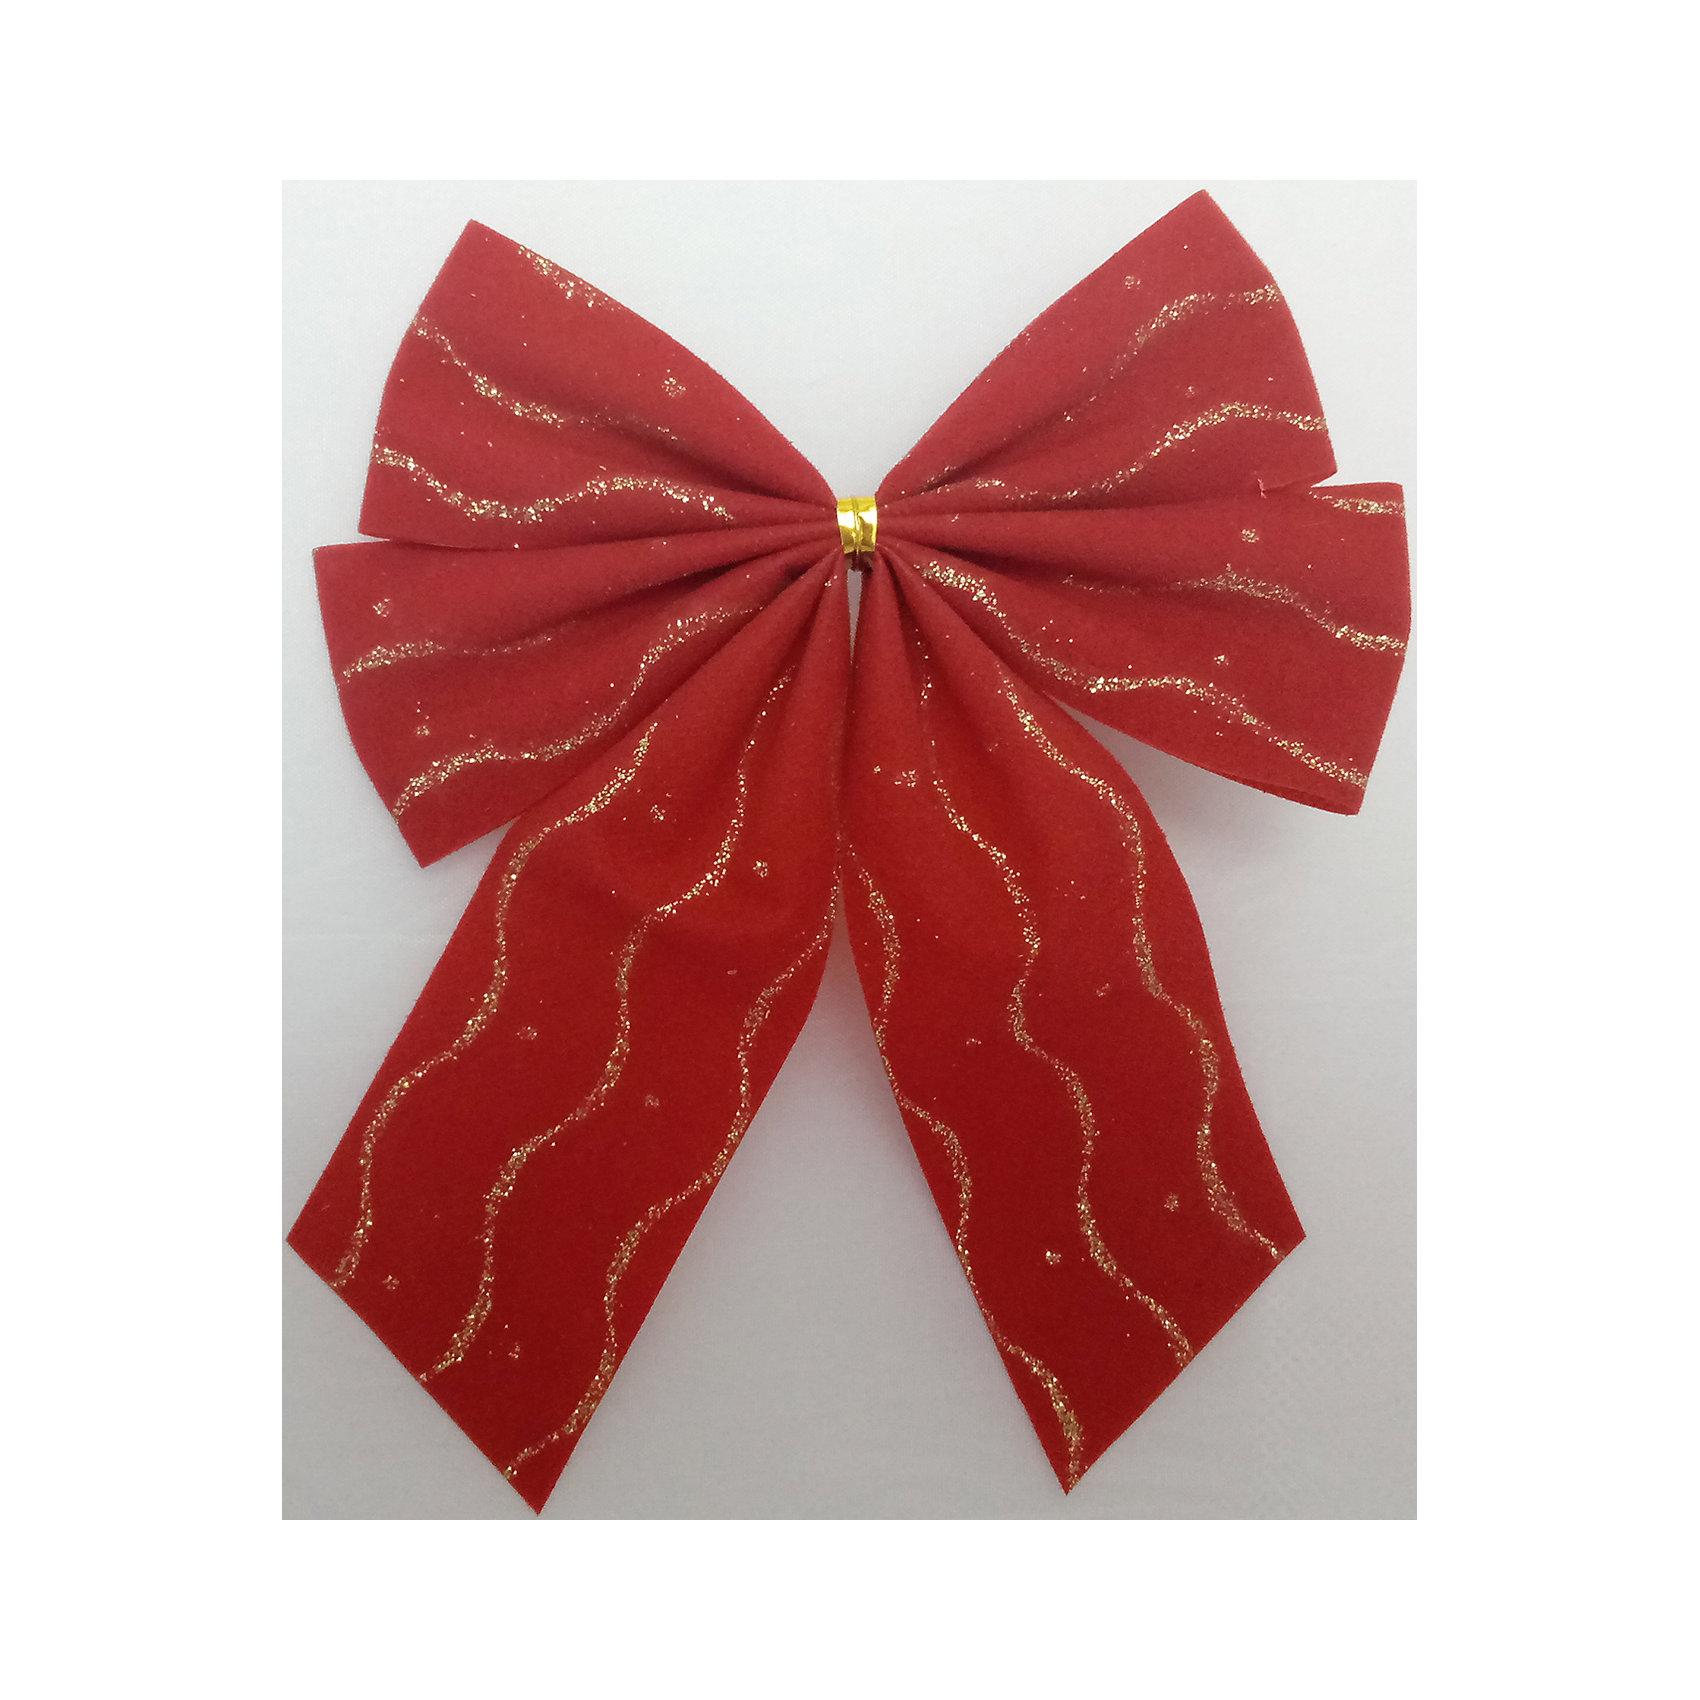 Набор Красный бант 4 штВсё для праздника<br>Характеристики товара:<br><br>• цвет: красный<br>• золотистые включения<br>• размер упаковки: 27х17х1 см<br>• комплектация: 4 шт<br>• материал: нейлон<br>• фактура: ткань<br>• для украшения интерьера или подарков<br>• страна производства: Китай<br><br>Бант - это универсальное украшение, он добавит торжественности и духа праздника прическе, интерьеру, подарочной упаковке, ёлке! Это украшение будет отлично смотреться в окружении любой цветовой гаммы, оно качественно выполнено и нарядно смотрится. С помощью такого комплекта можно оригинально украсить квартиру к празднику и декорировать пакет или коробку с подарком.<br>Такие небольшие детали и создают праздник! От них во многом зависит хорошее новогоднее настроение. Изделие производится из качественных сертифицированных материалов, безопасных даже для самых маленьких.<br><br>Бант из ткани красный 4 штуки (0,27Х0,17Х0,01 м) можно купить в нашем интернет-магазине.<br><br>Ширина мм: 290<br>Глубина мм: 170<br>Высота мм: 10<br>Вес г: 100<br>Возраст от месяцев: 72<br>Возраст до месяцев: 480<br>Пол: Унисекс<br>Возраст: Детский<br>SKU: 5051635